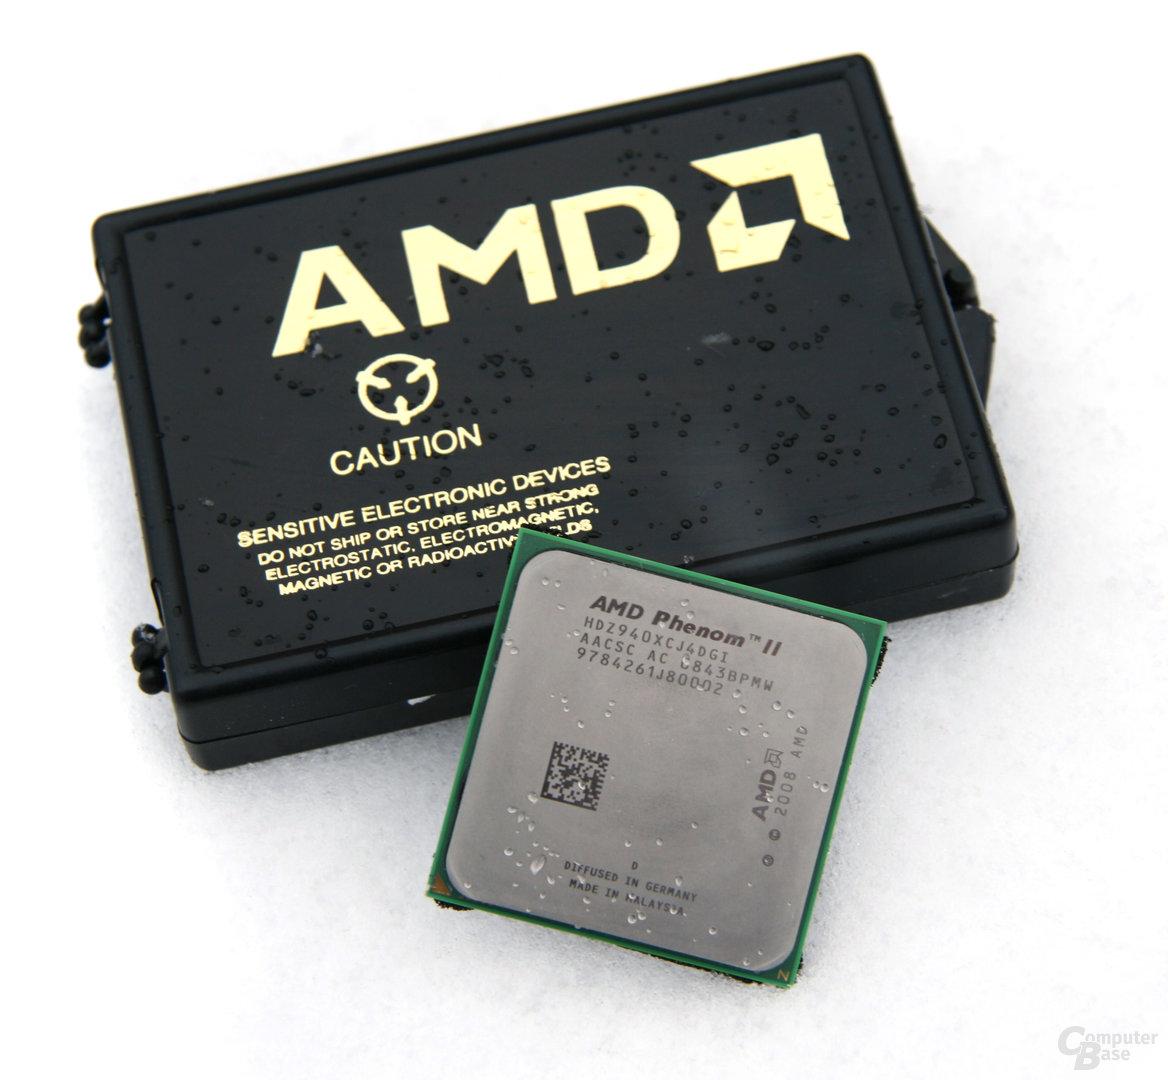 AMD Phenom II X4 940 - Made in Malaysia